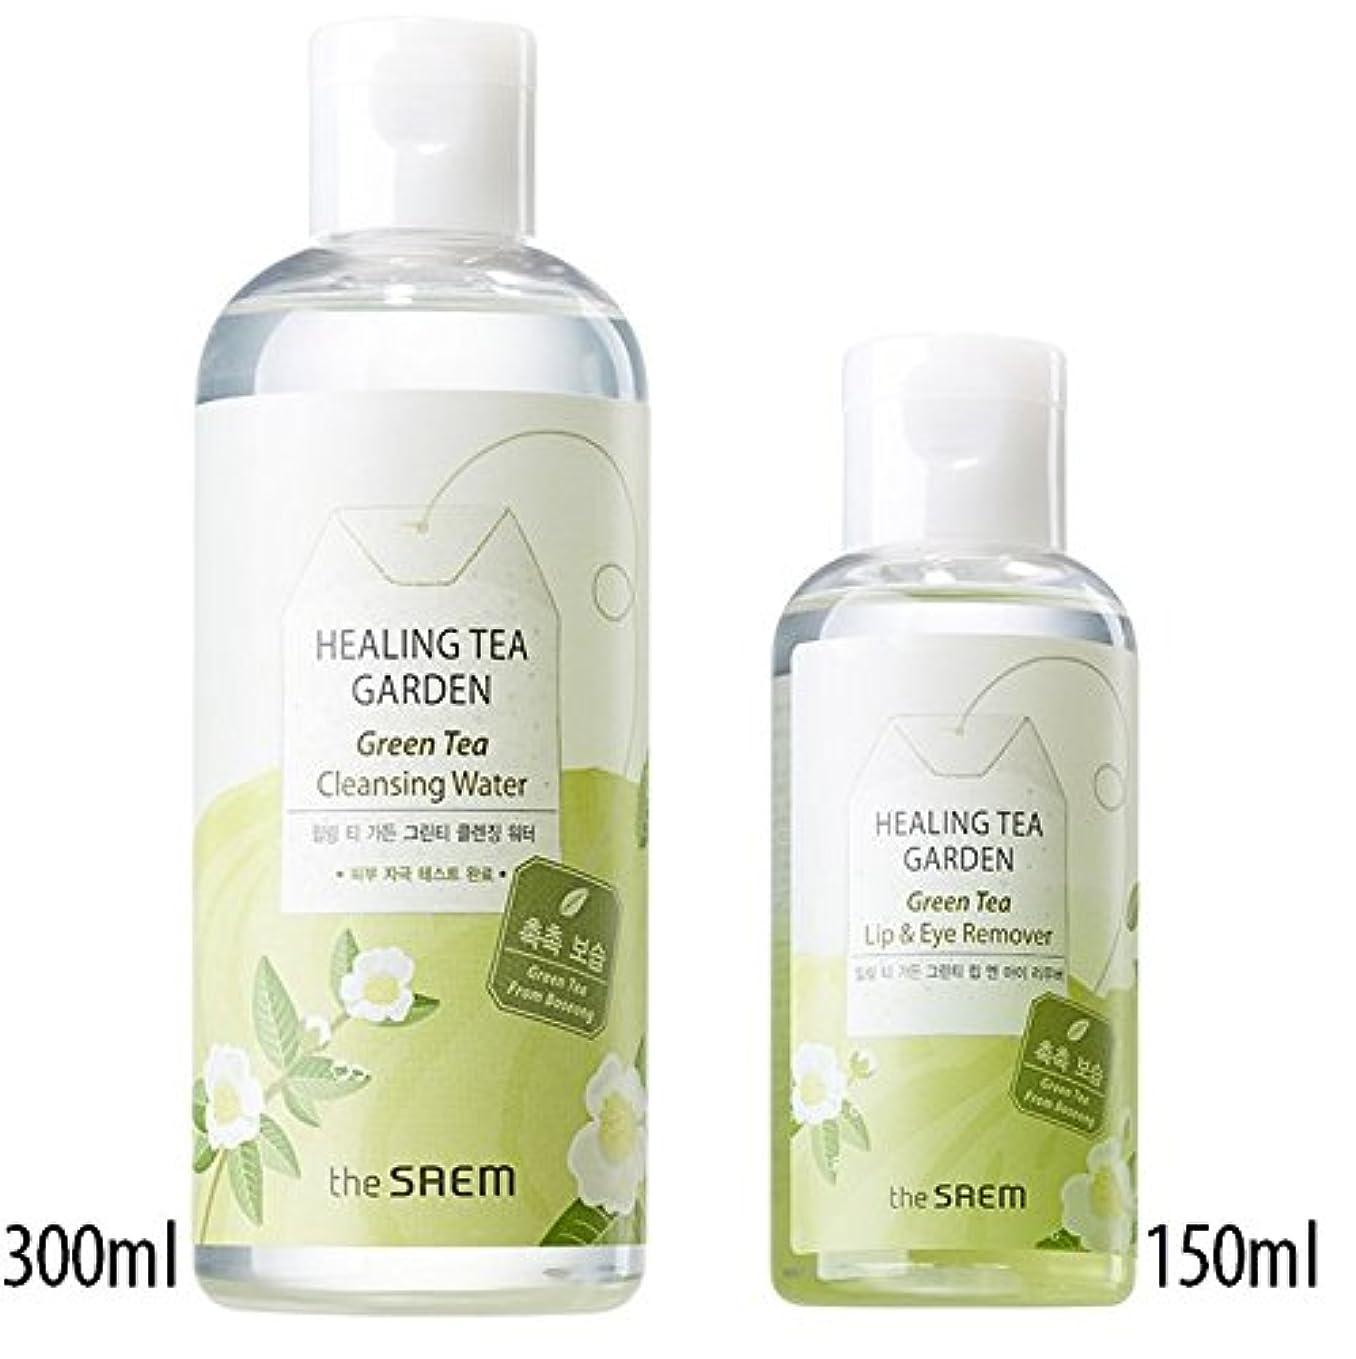 ベジタリアン匹敵します楽な[1+1] The Saem Green Tea (Lip & Eye Remover + Cleansing Water)ザセム ヒーリングティーガーデングリーンティーリップ&アイリムーバー+ ヒー クレンジングウォーター...